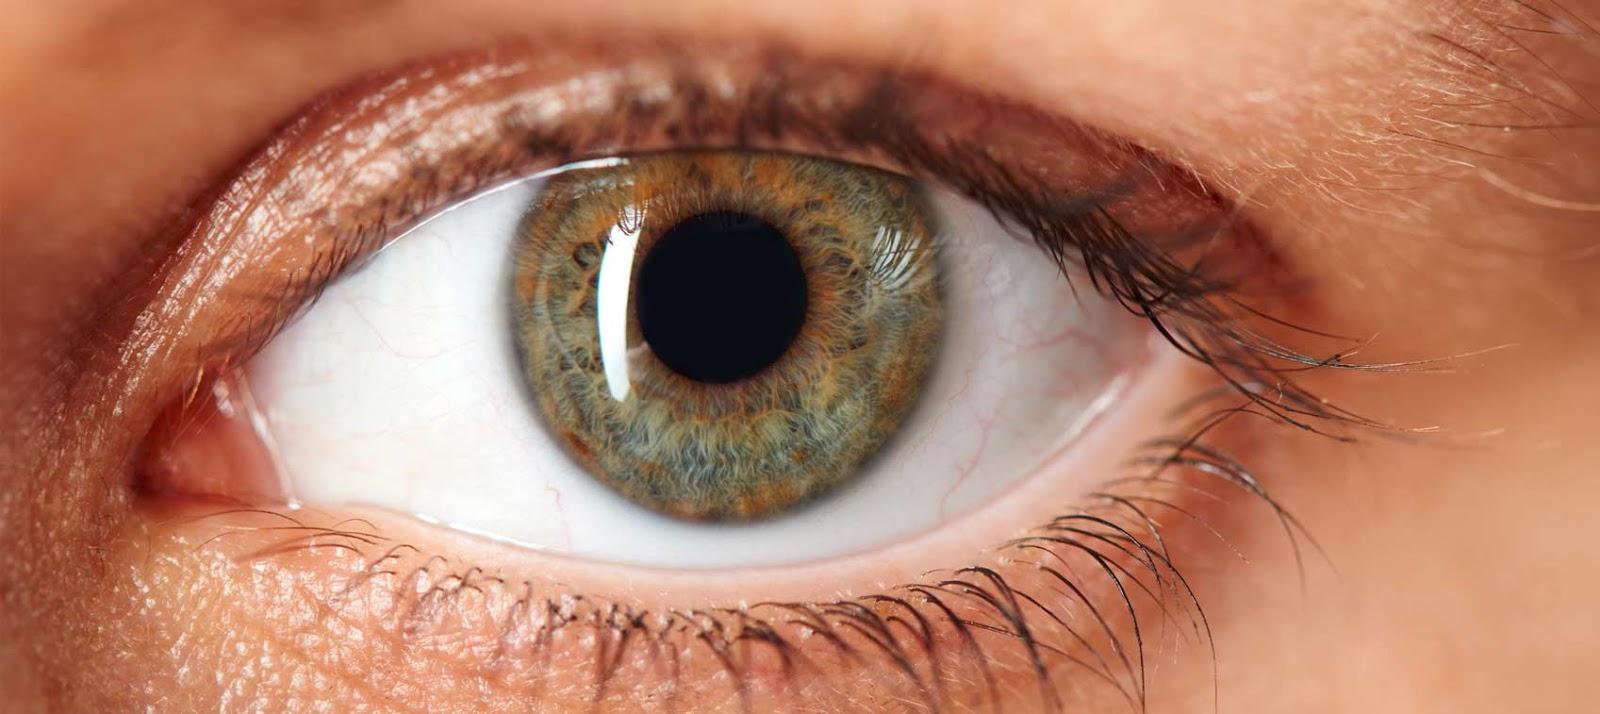 hd-eye-diseases-cover.jpg (1600×714)